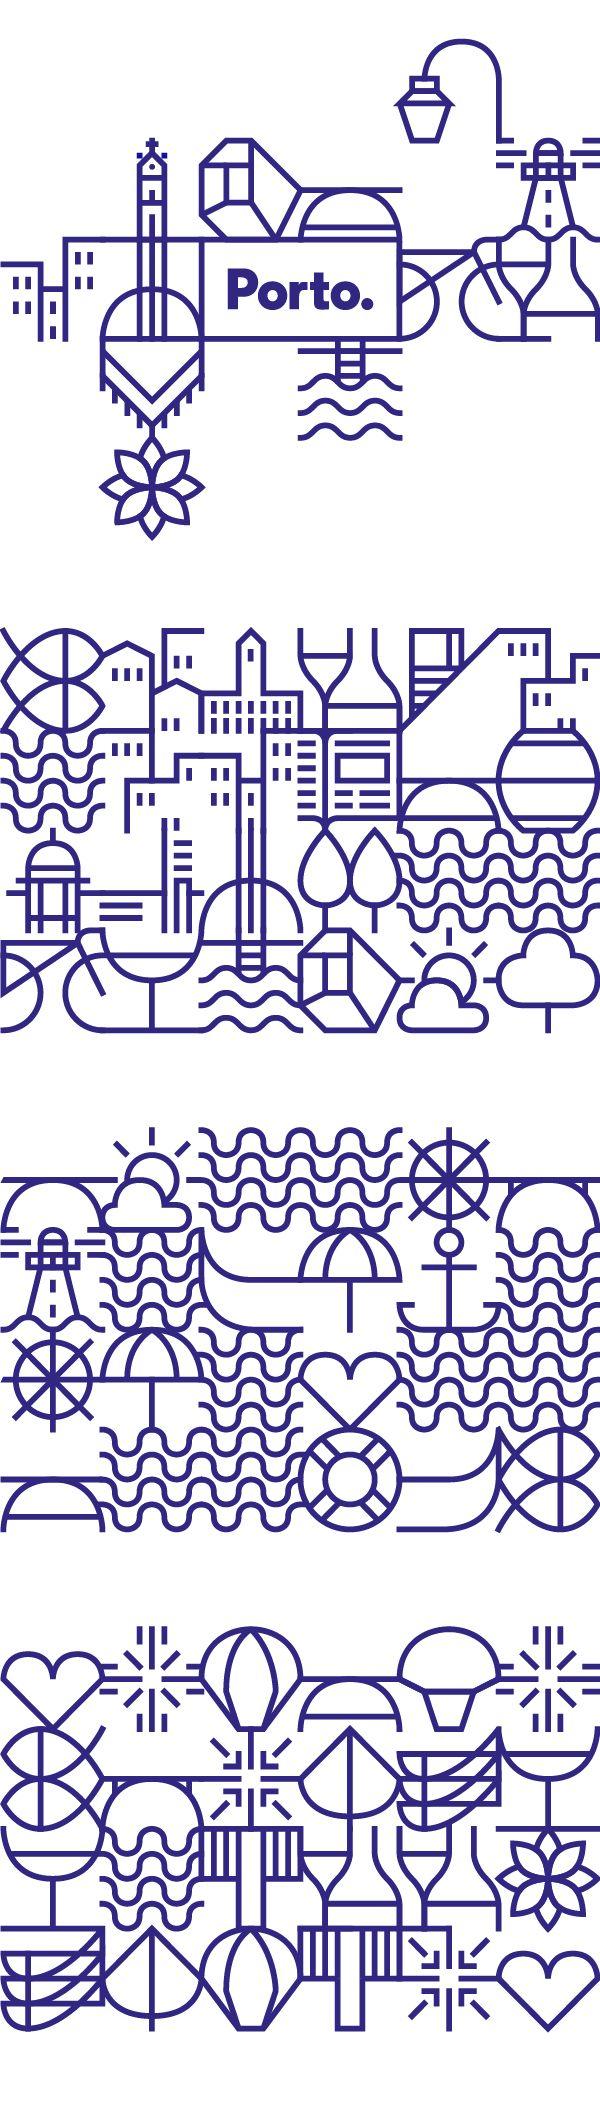 Le studio portugais White réalise la nouvelle identité pour la ville de Porto. Le défi présenté était très clair : la ville avait besoin d'un système visuel, une identité visuelle qui ...